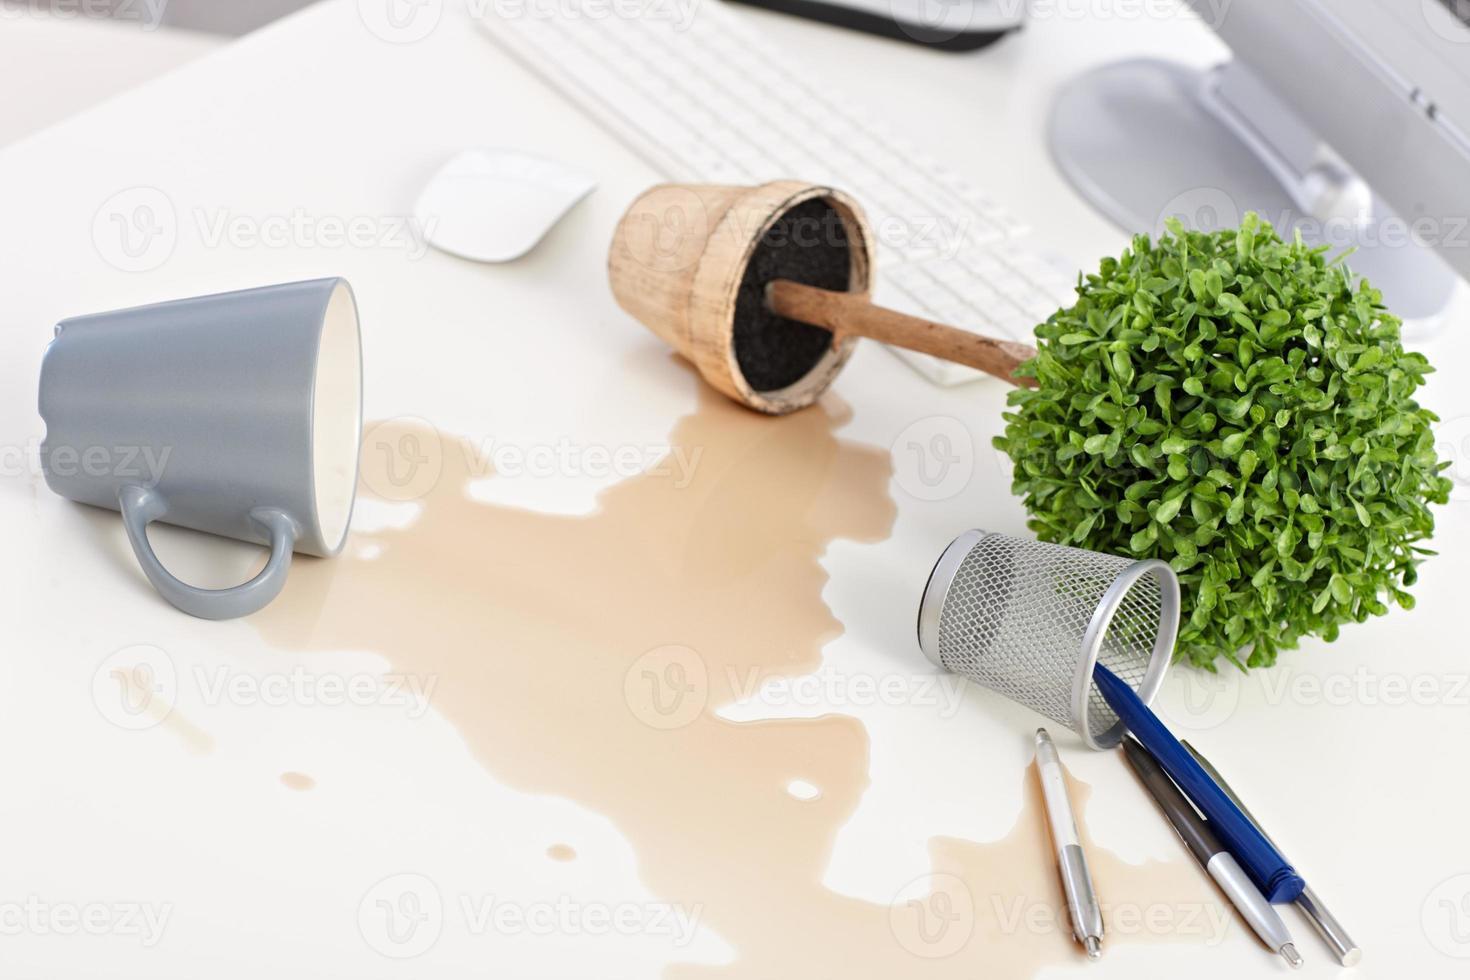 välten växt och spillt ut kaffe på skrivbordet foto